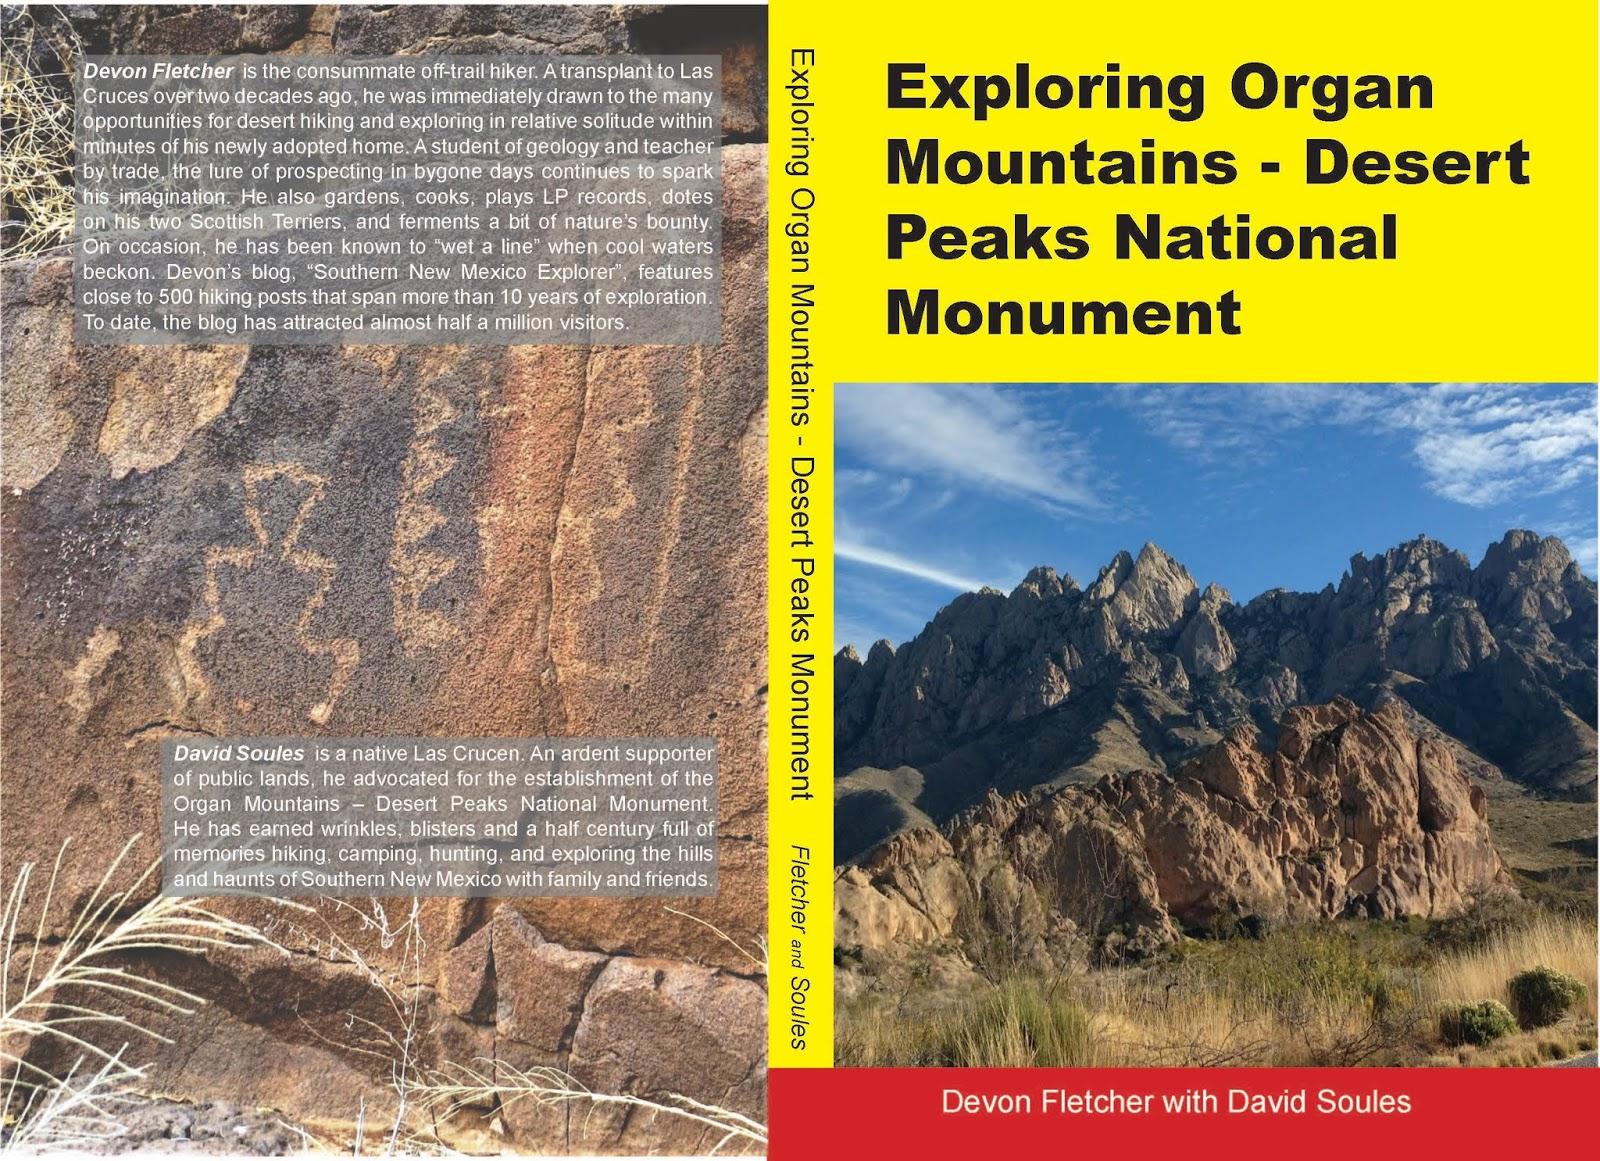 Southern New Mexico Explorer: Exploring Organ Mountains